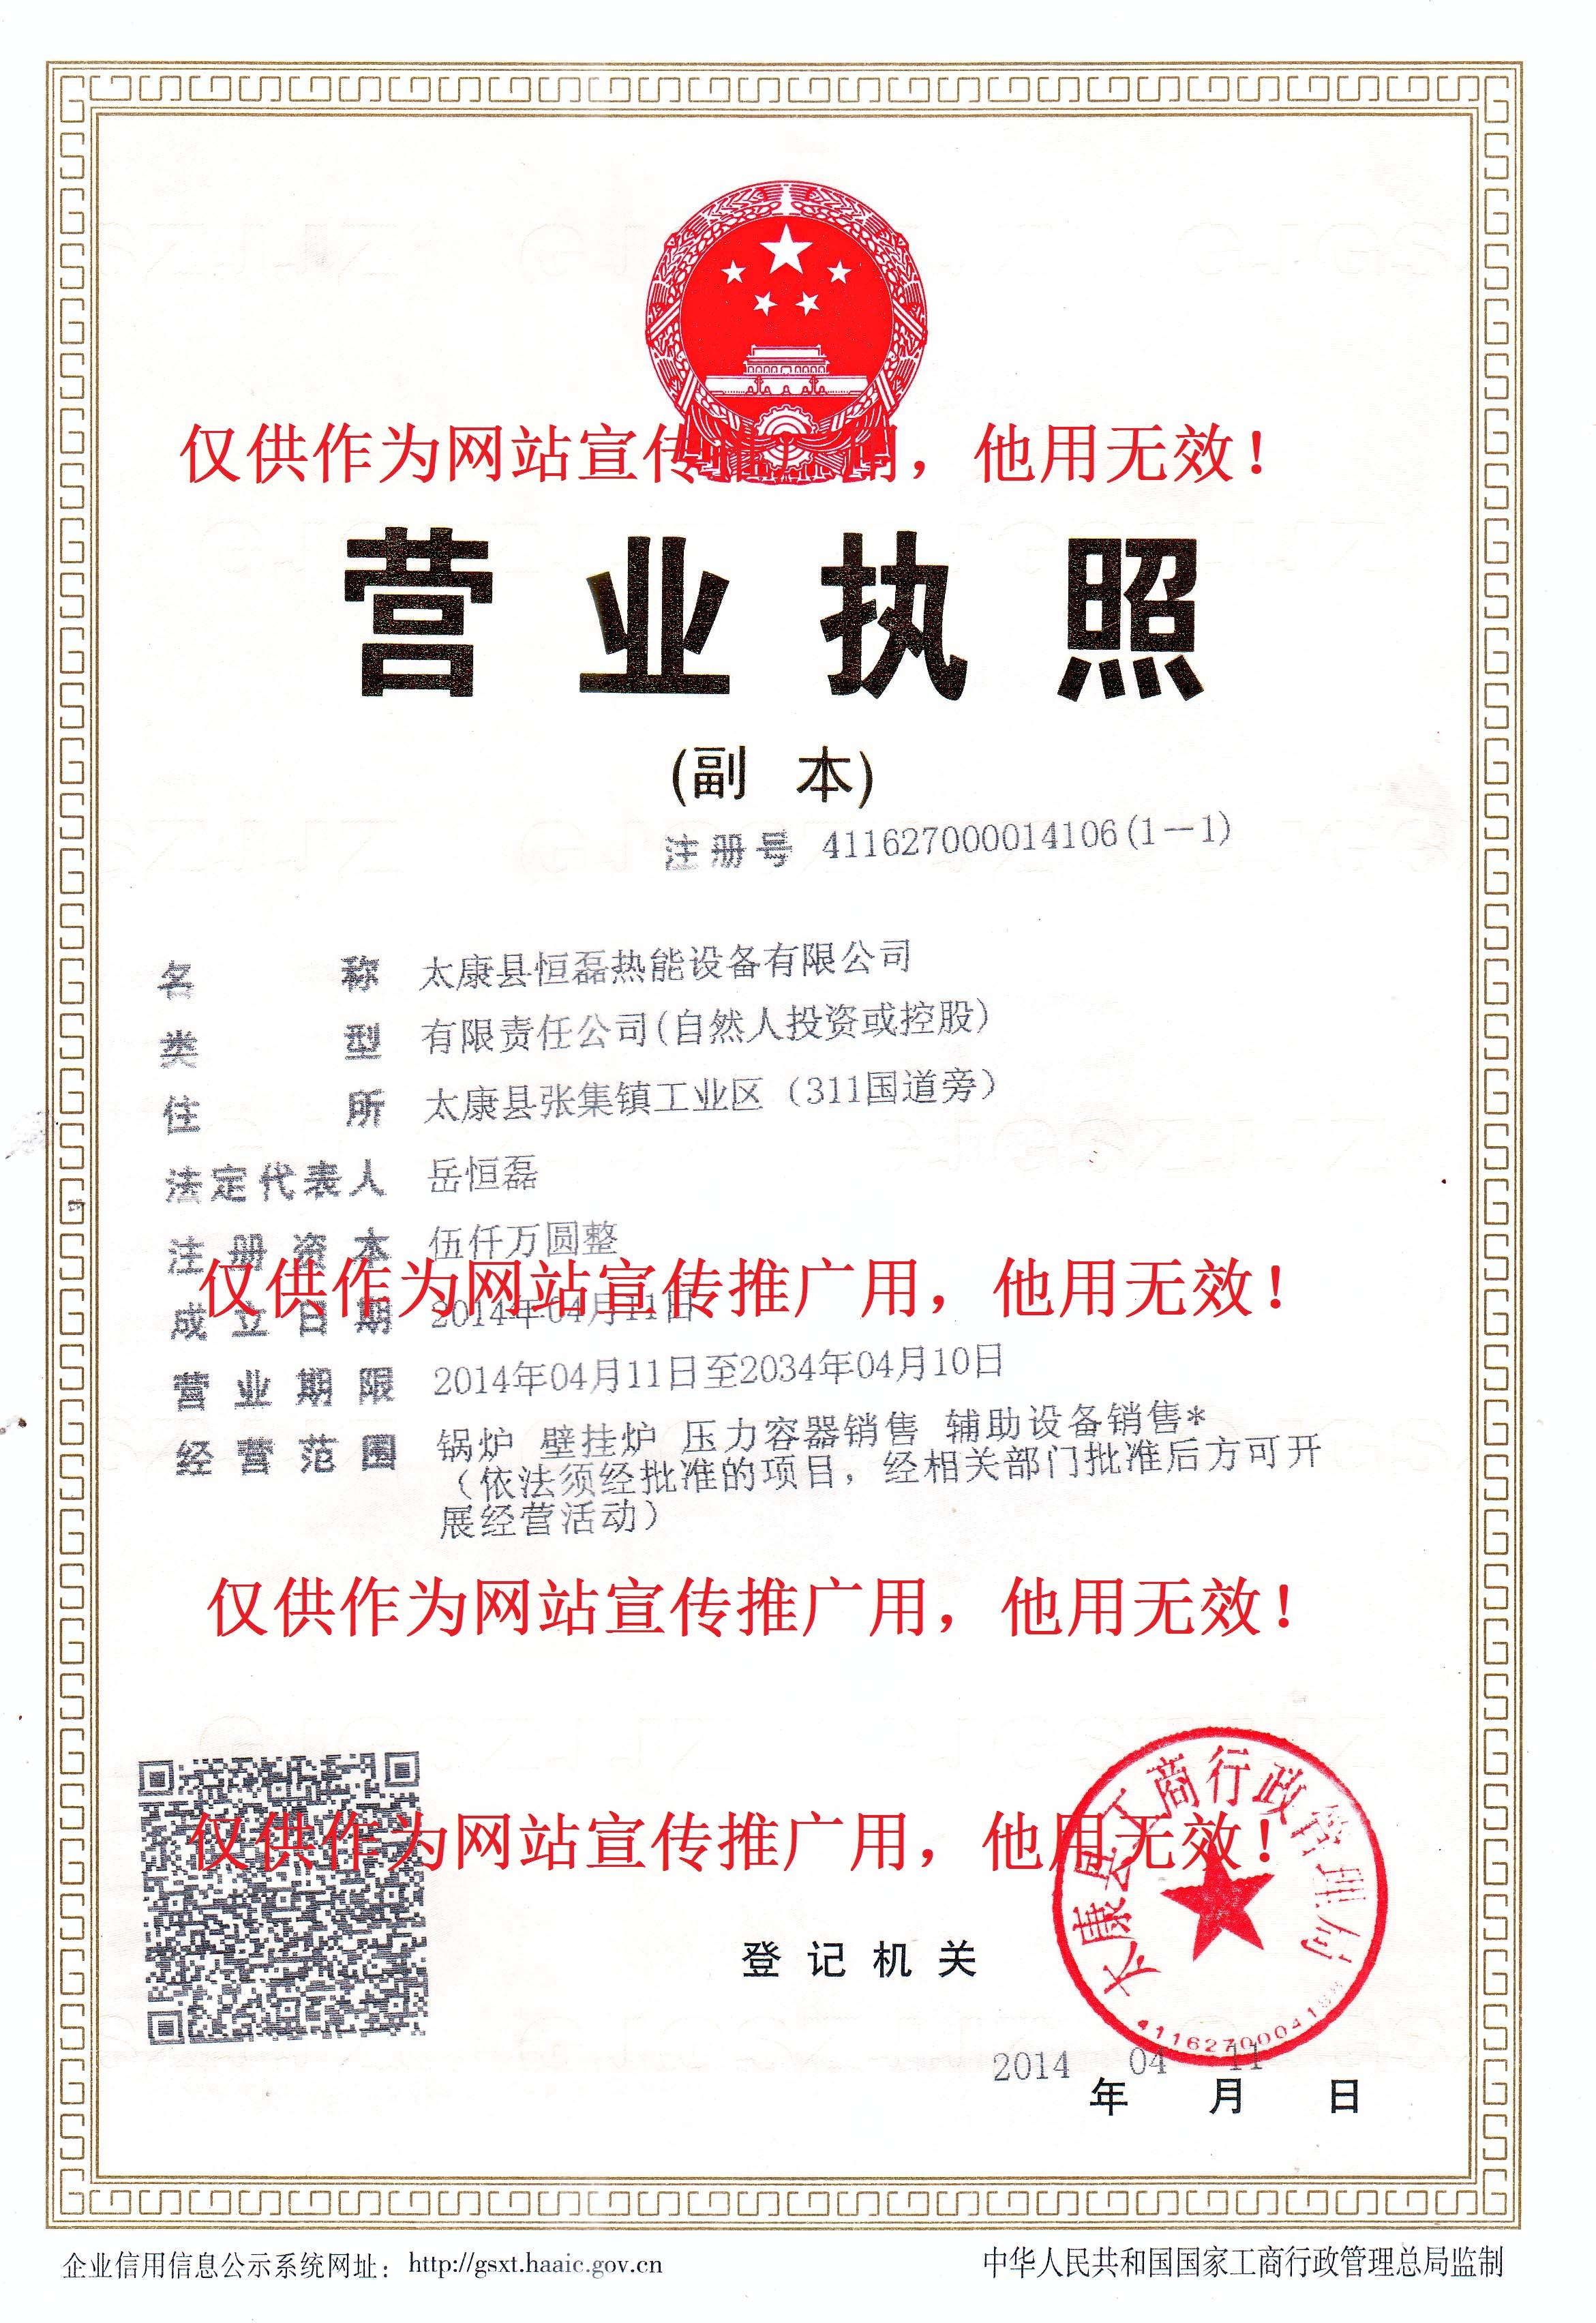 恒磊热能营业执照(副本).jpg